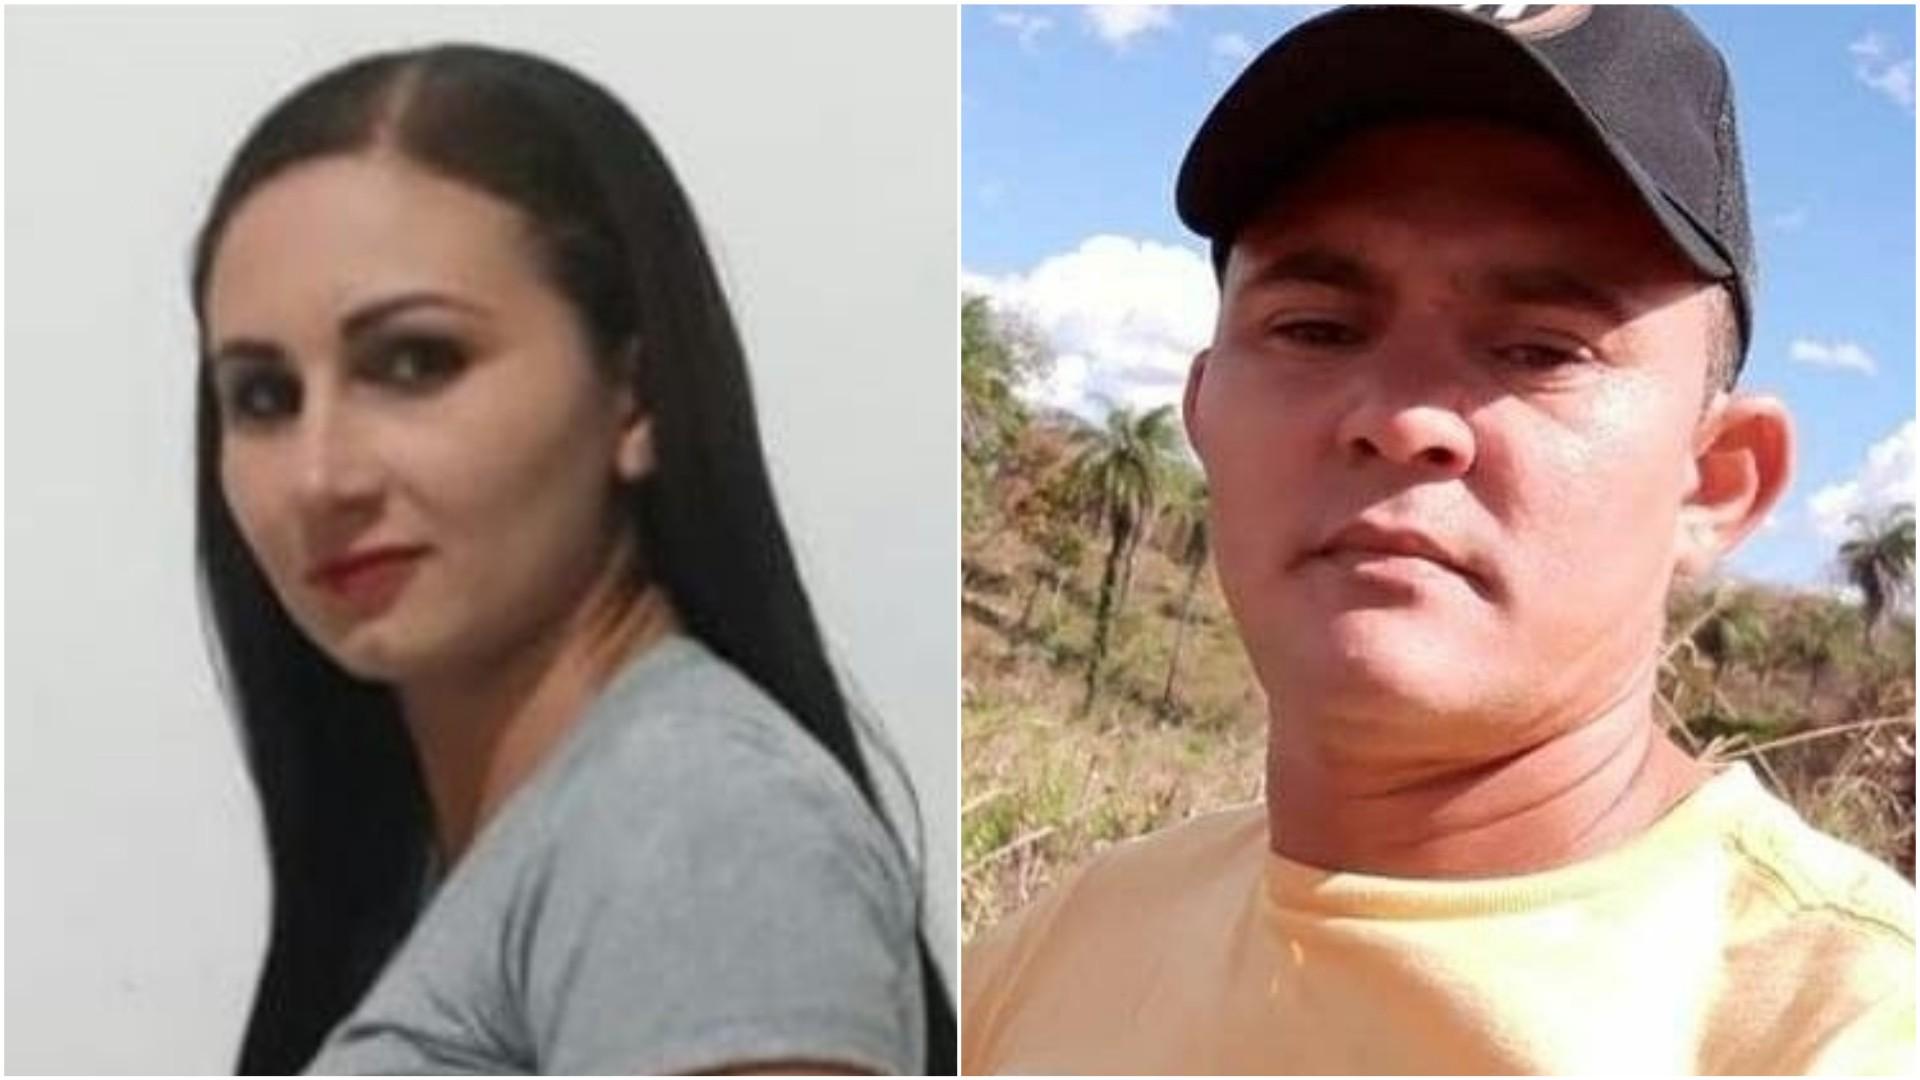 Suspeito de assassinar esposa na frente do filho é encontrado morto em Estreito - Notícias - Plantão Diário